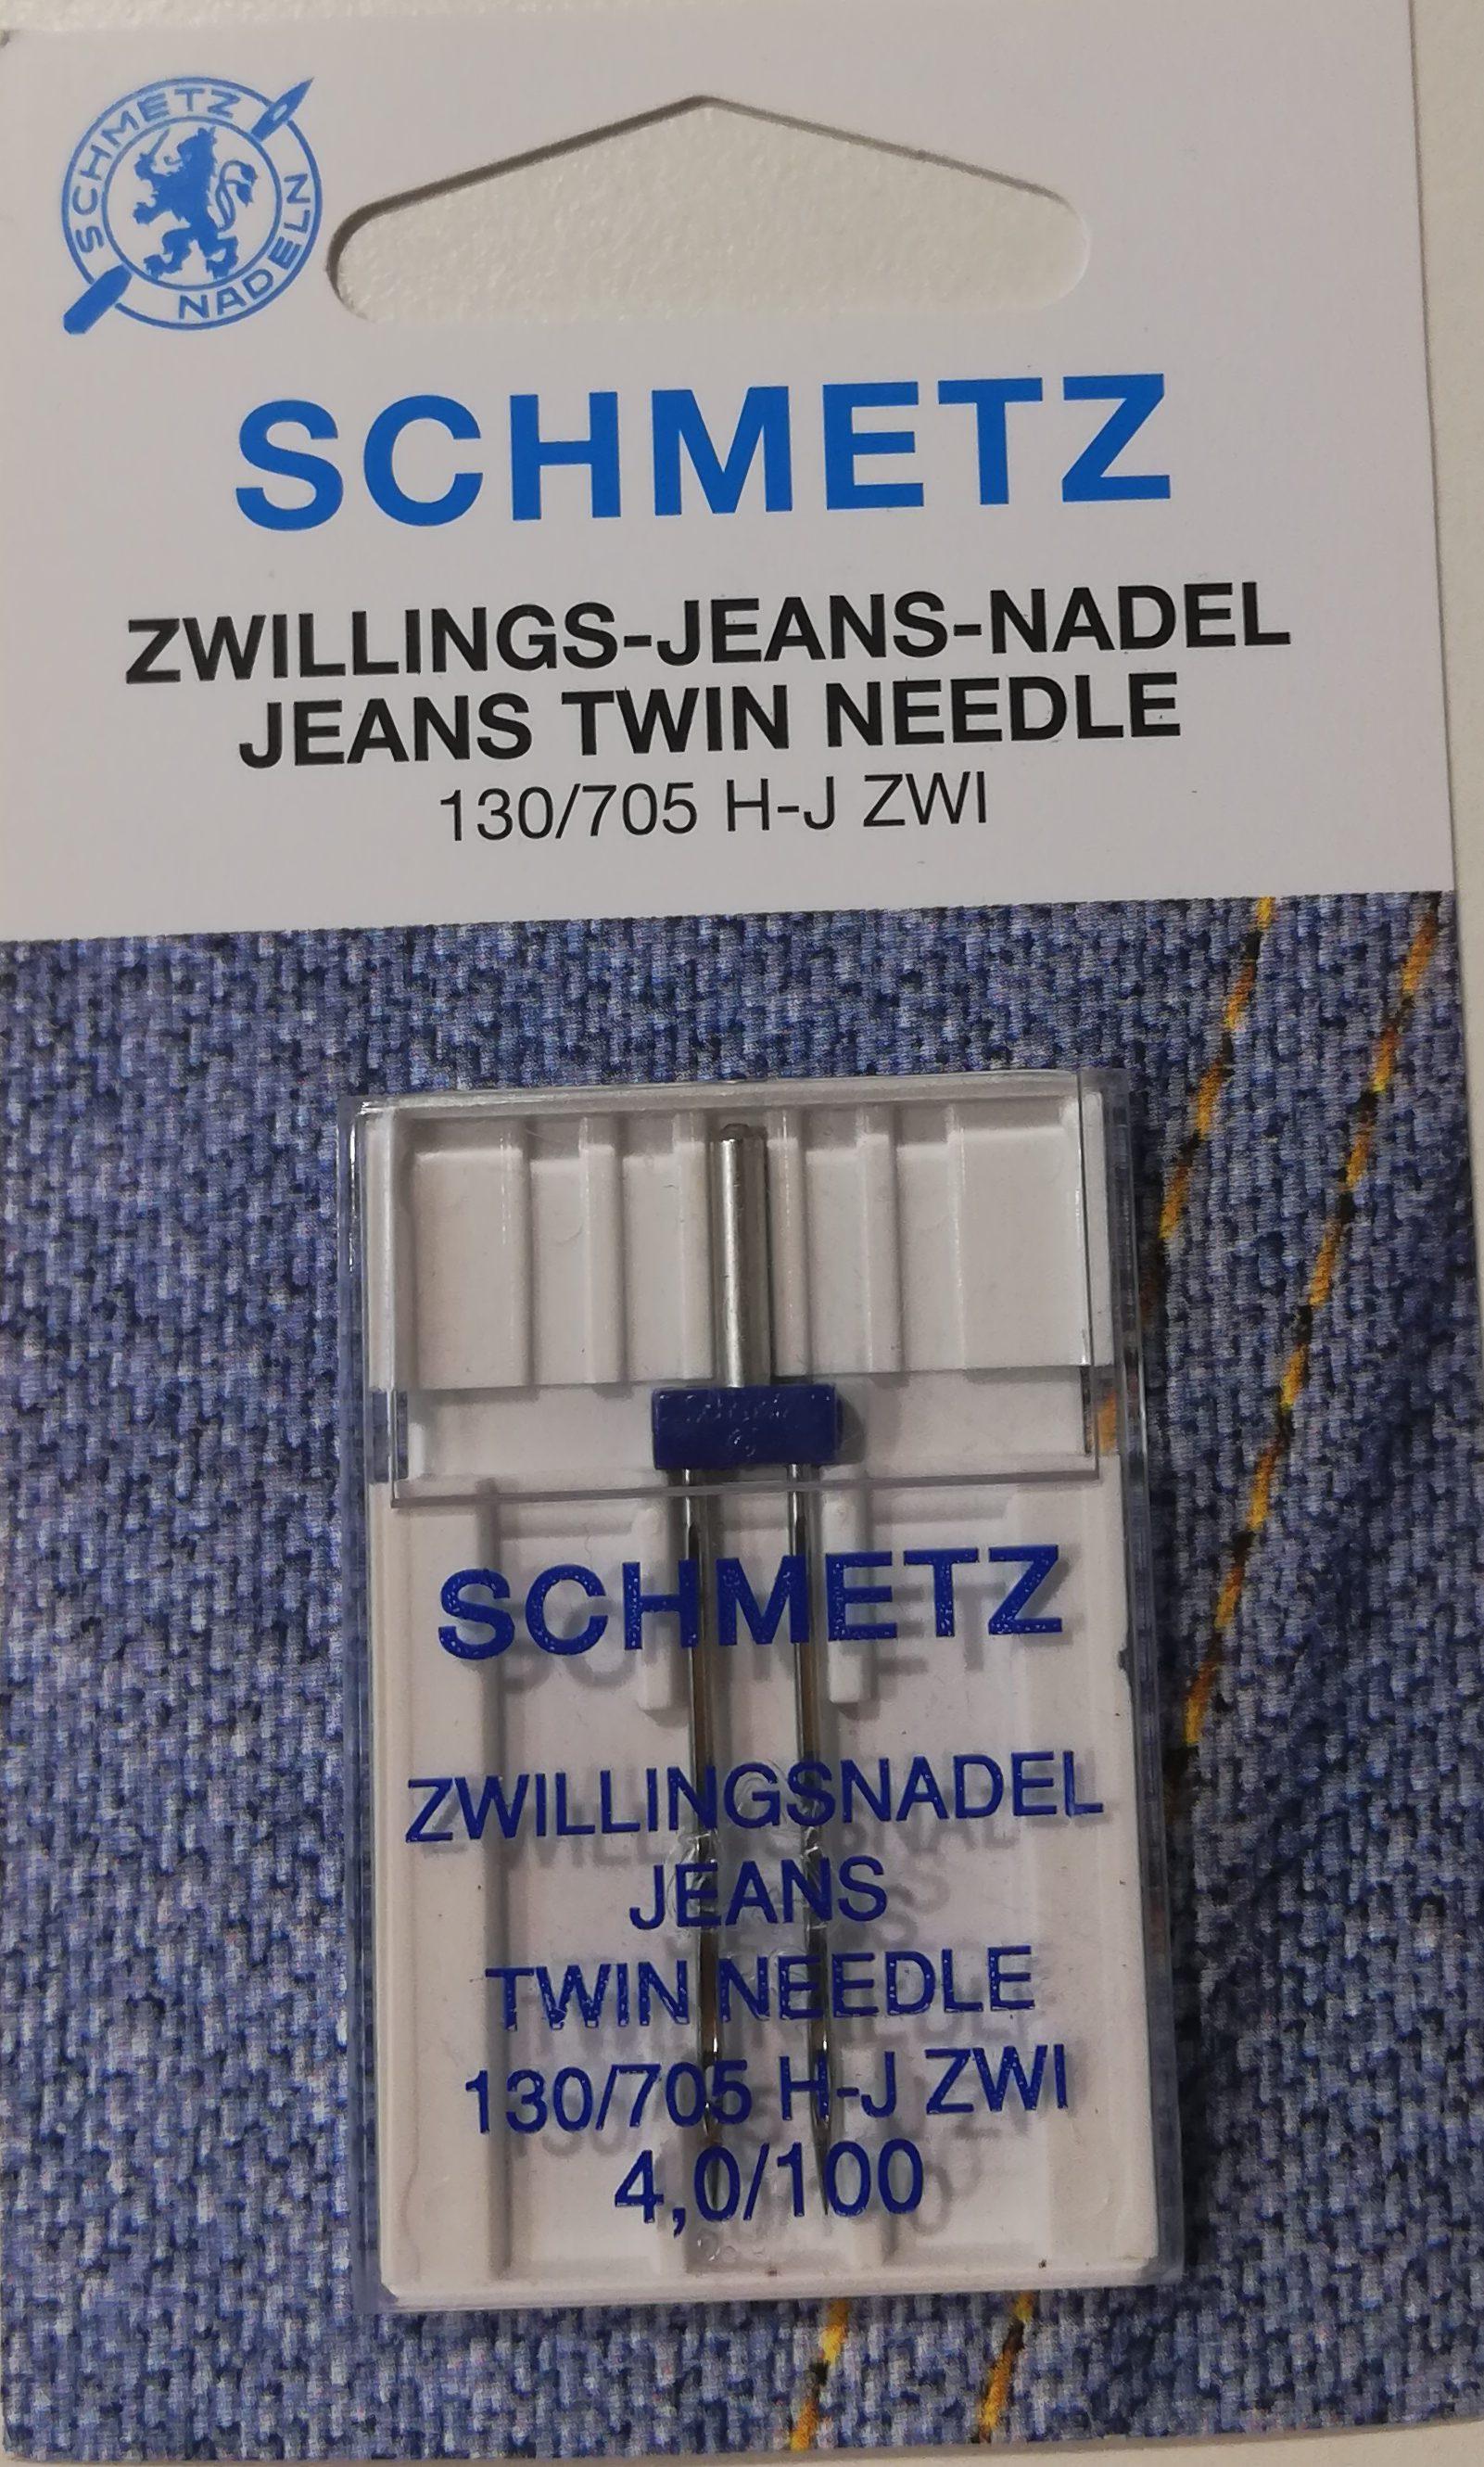 Schmetz tweeling naald jeans 4.0/100